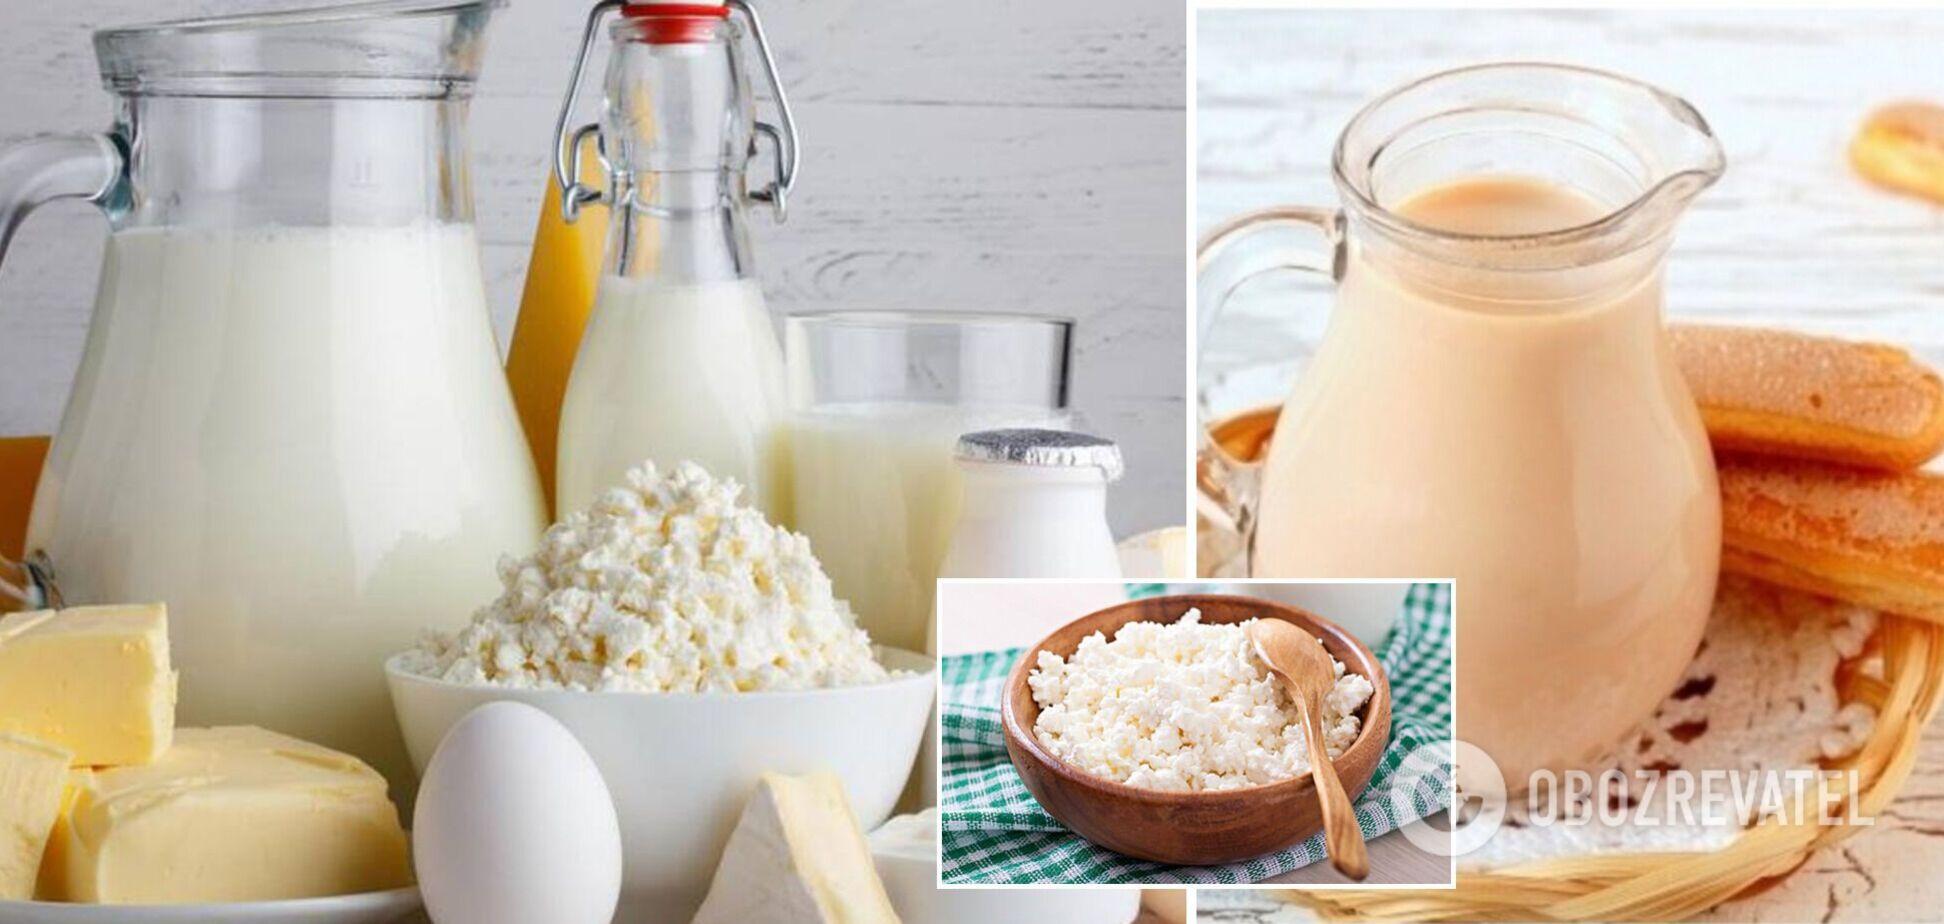 Користь і шкода молочних продуктів: відкриваю секрет